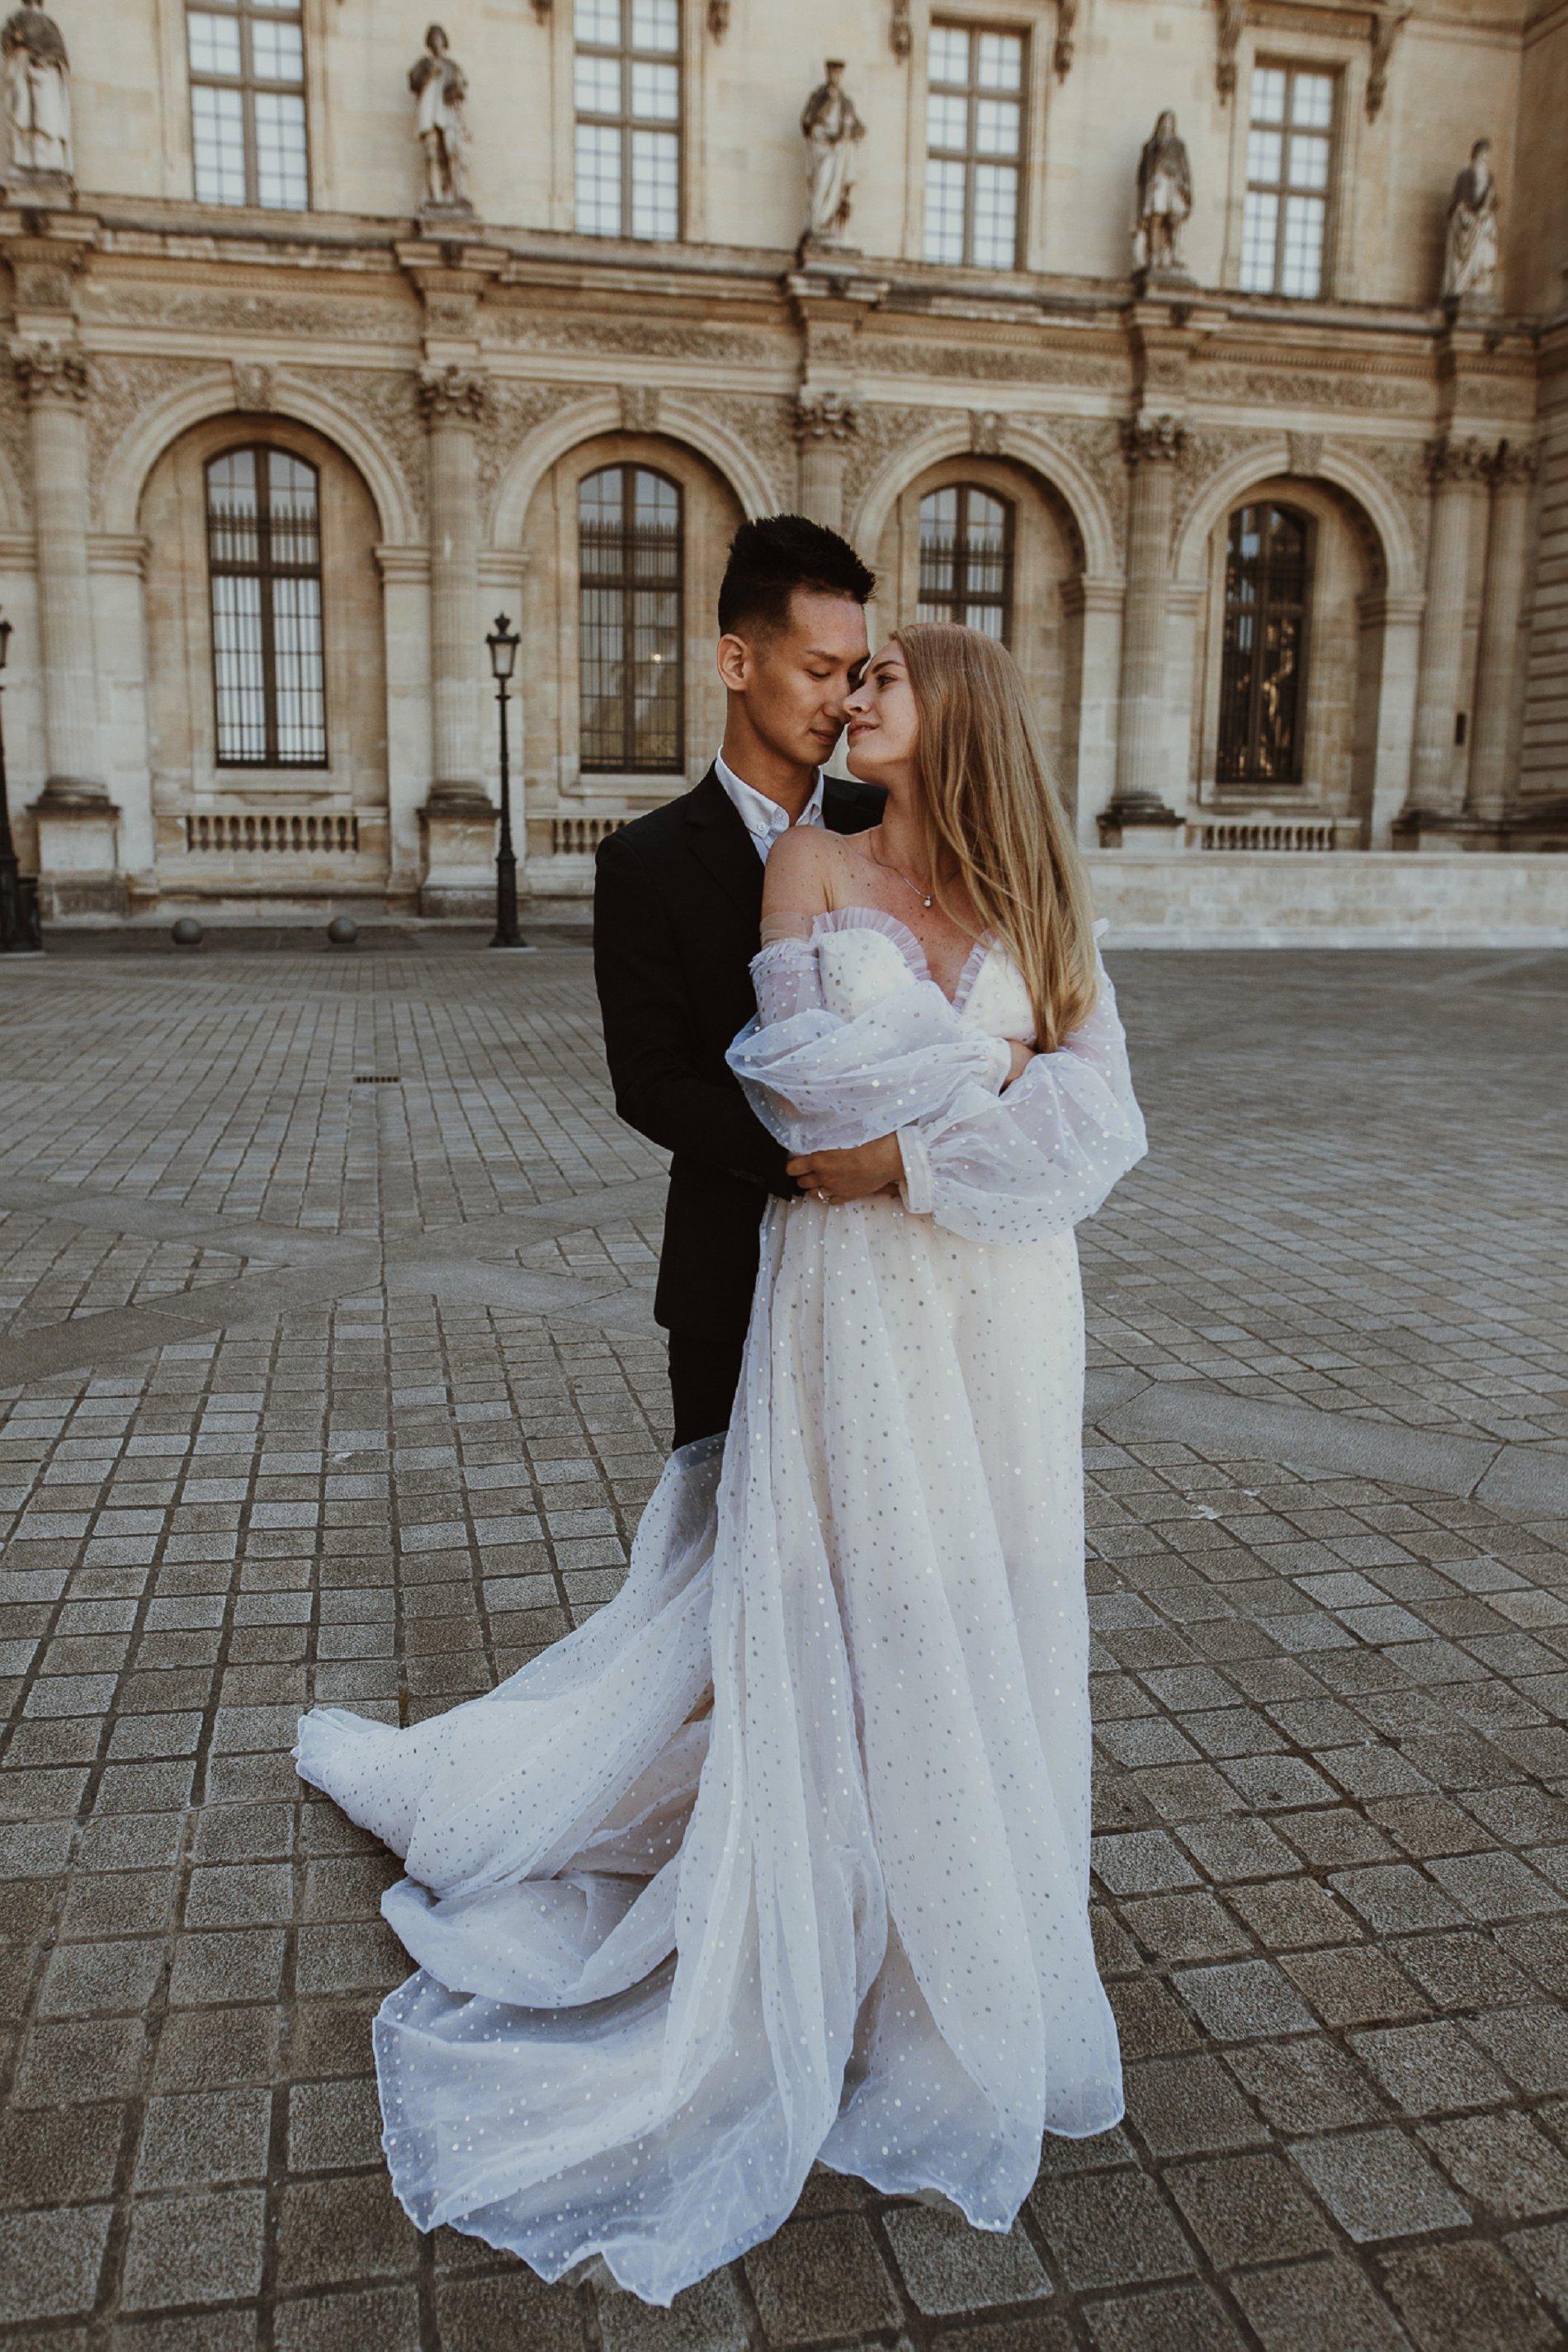 Miss He Bridal Romantic Paris Elopement (c) Xanthe Rowland Photography (25)